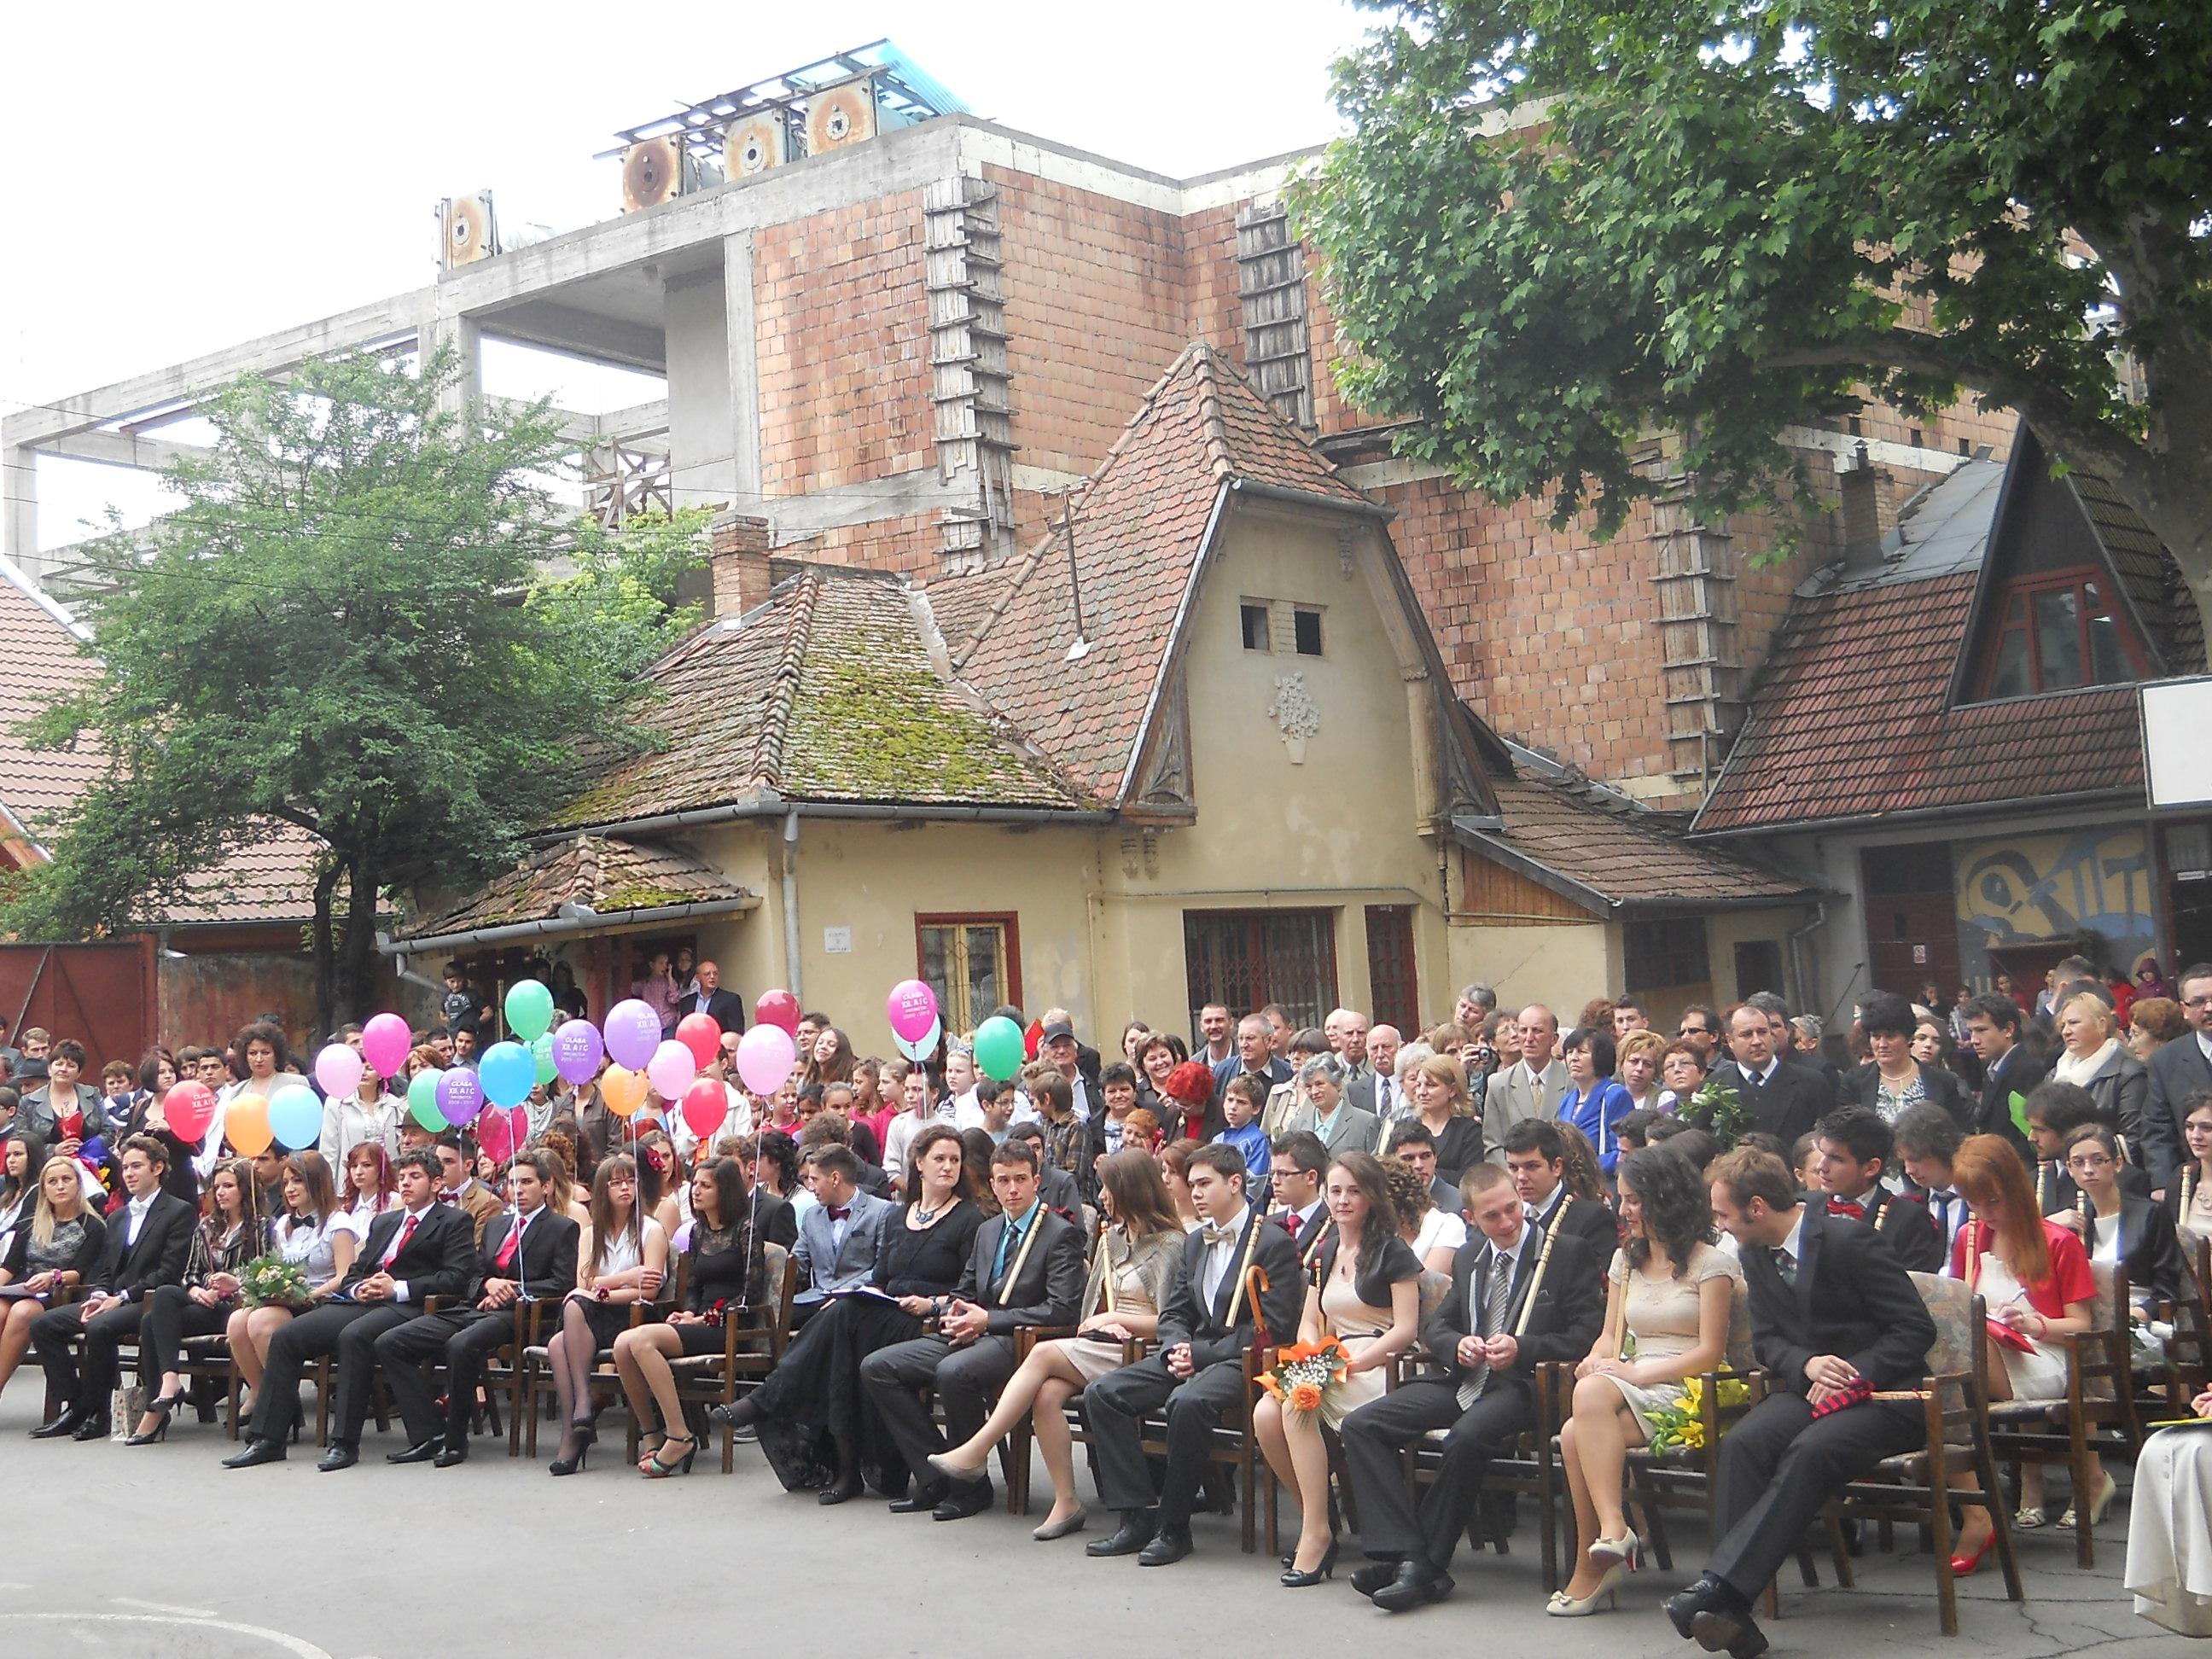 O nouă zi plină de festivităţi de absolvire la Tîrgu-Mureş!